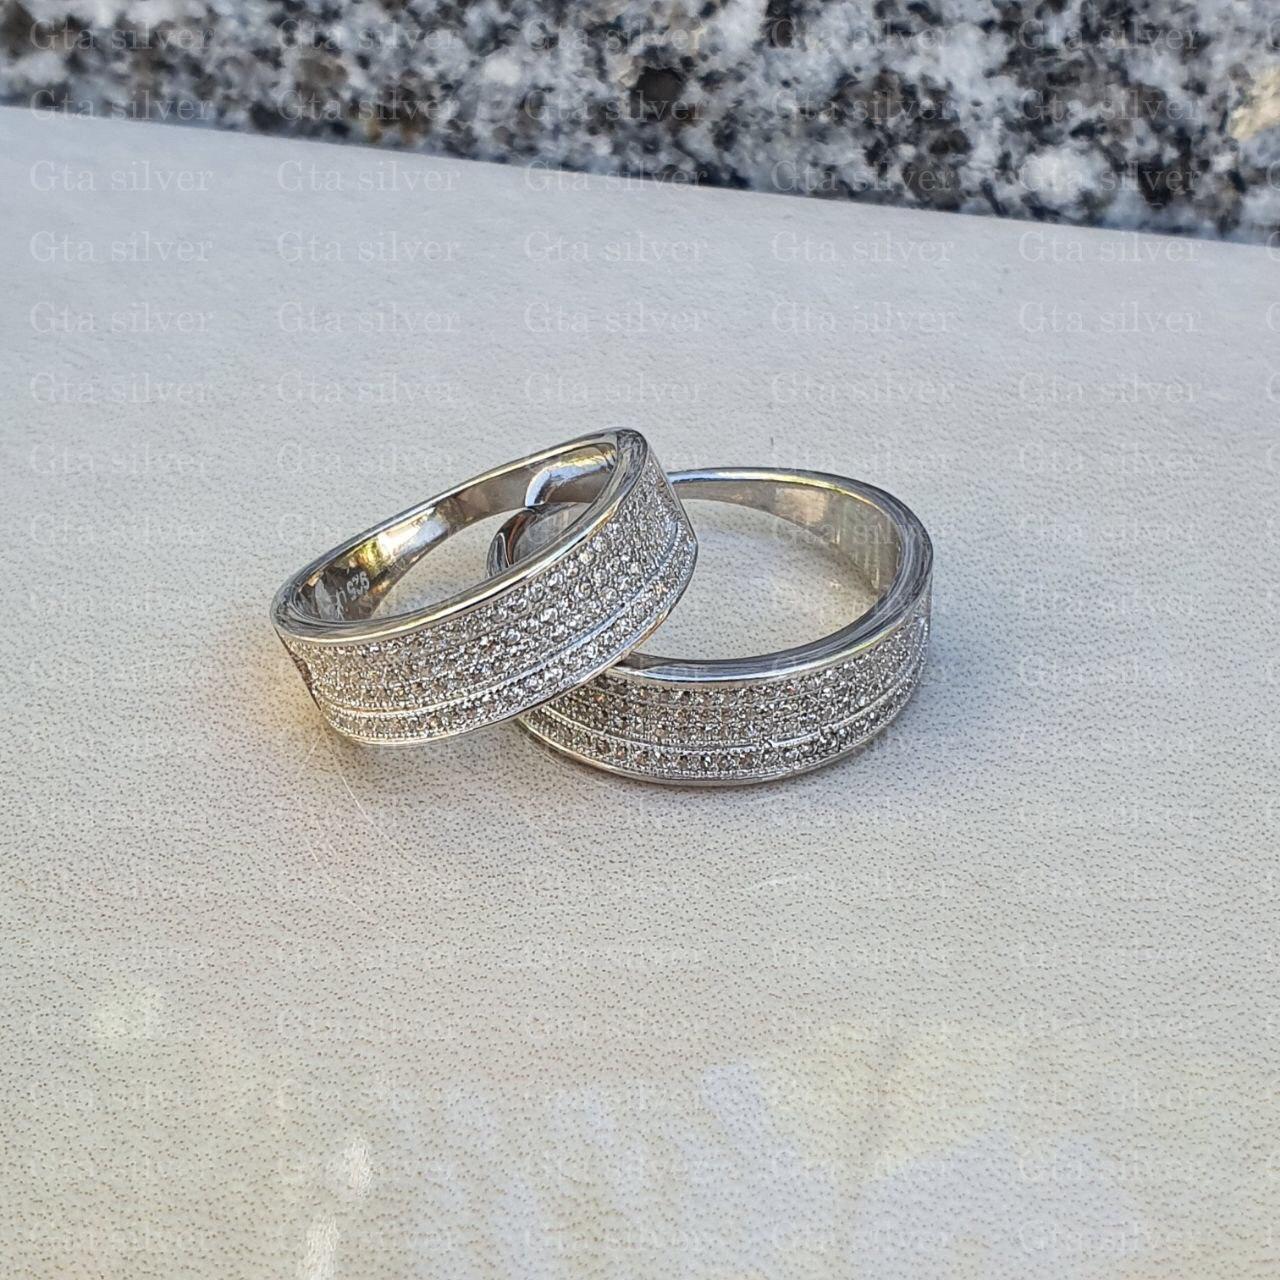 ست حلقه ازدواج وزن 9.5 گرم مدل 7